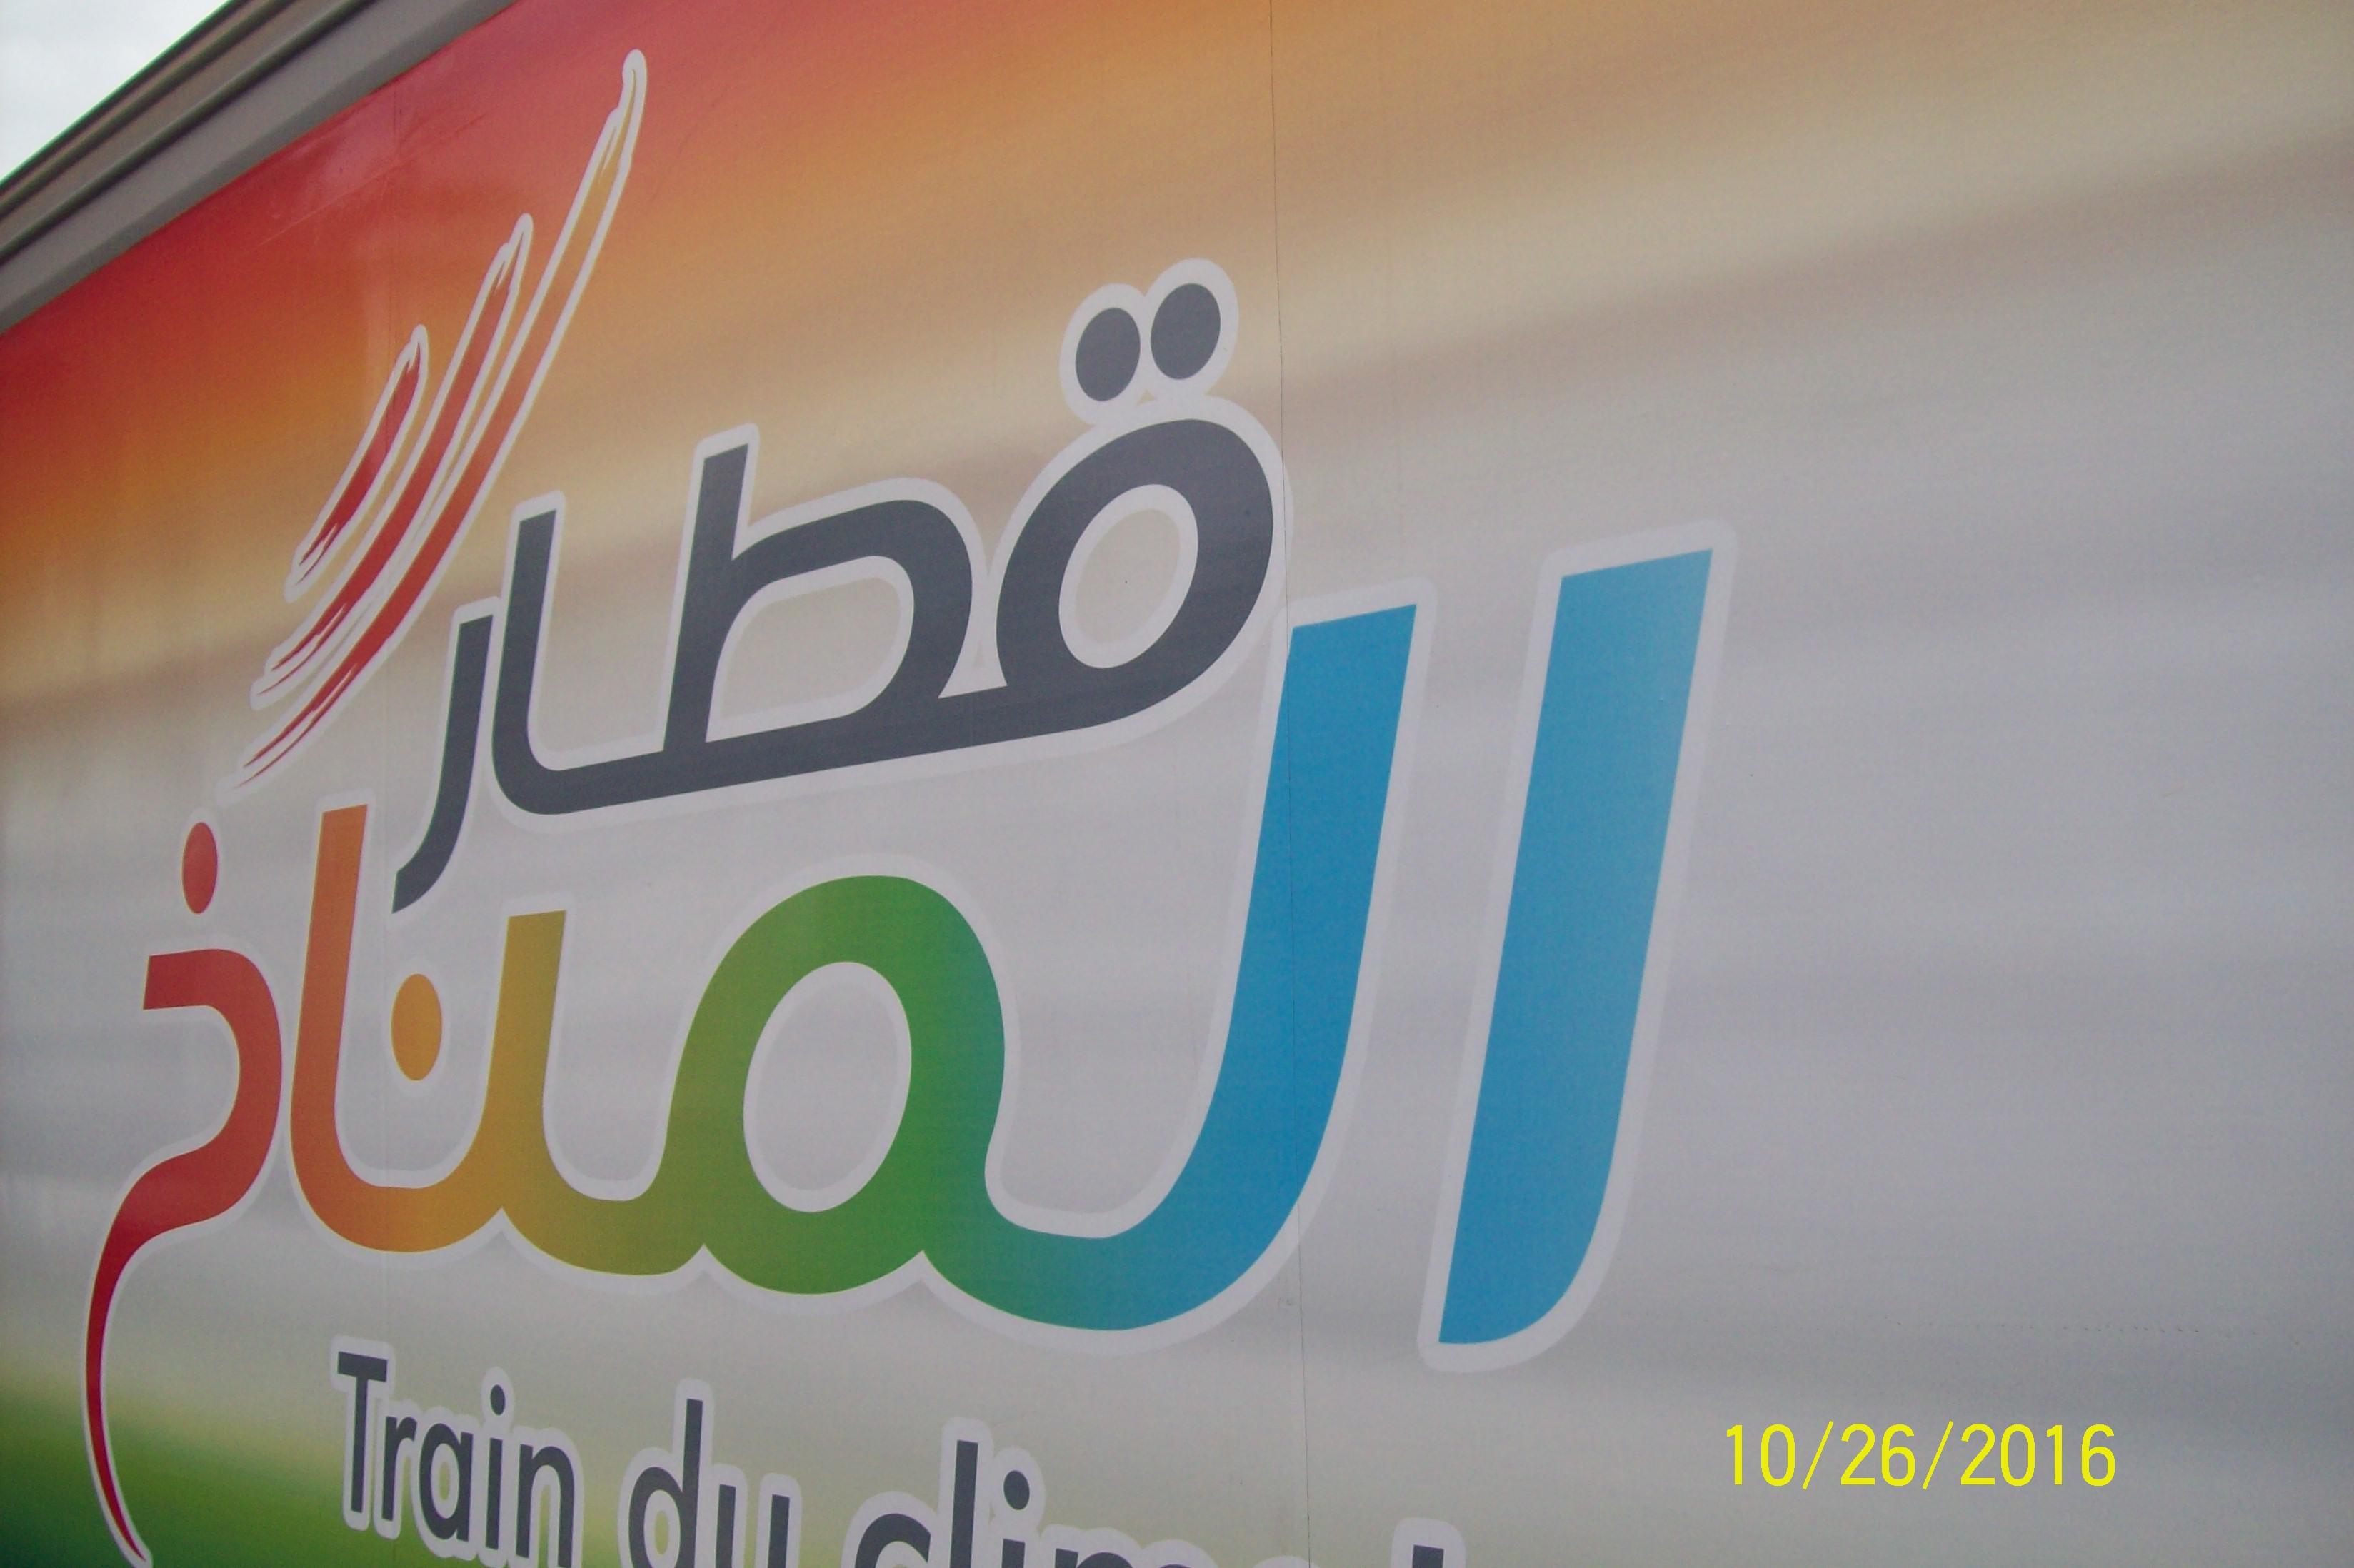 متابعة حصرية لفعاليات مؤتمر كوب 22 COP للمناخ بمراكش المغرب 120_0171